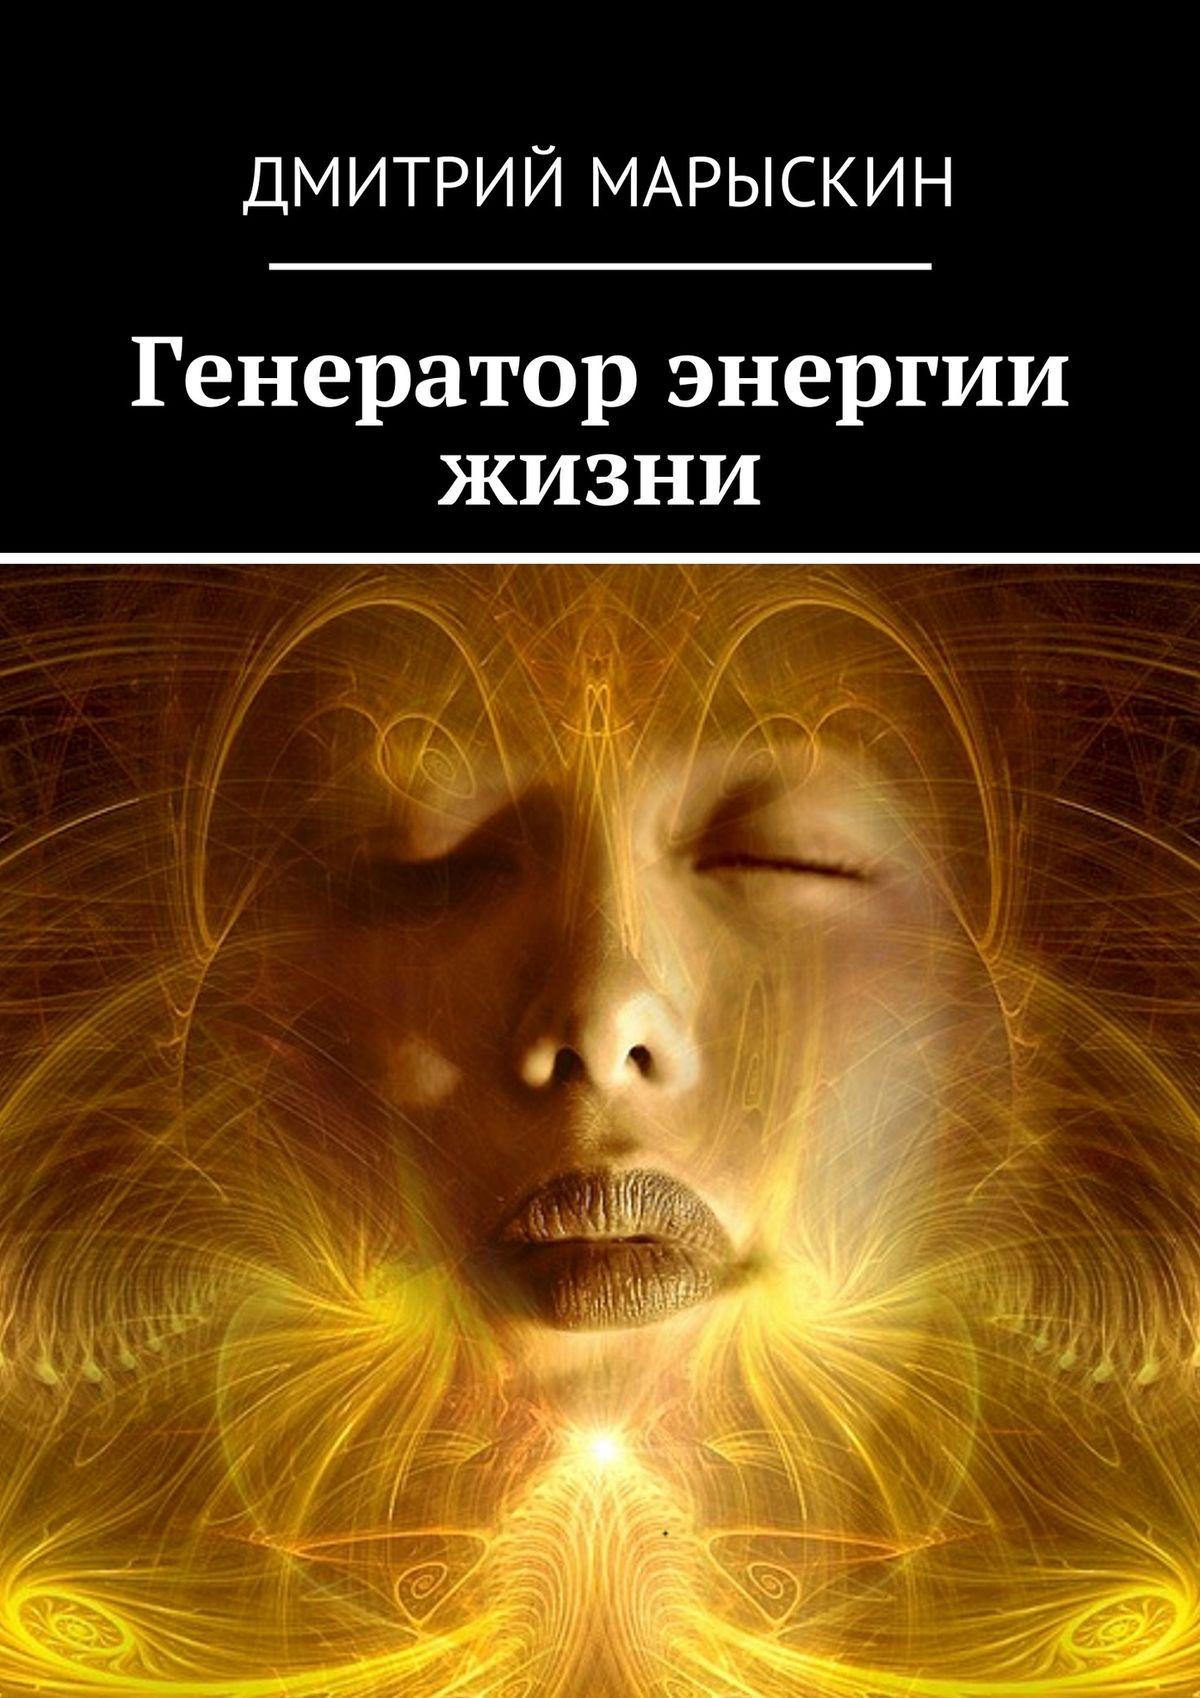 Дмитрий Марыскин Генератор энергии жизни дмитрий марыскин генератор энергии жизни